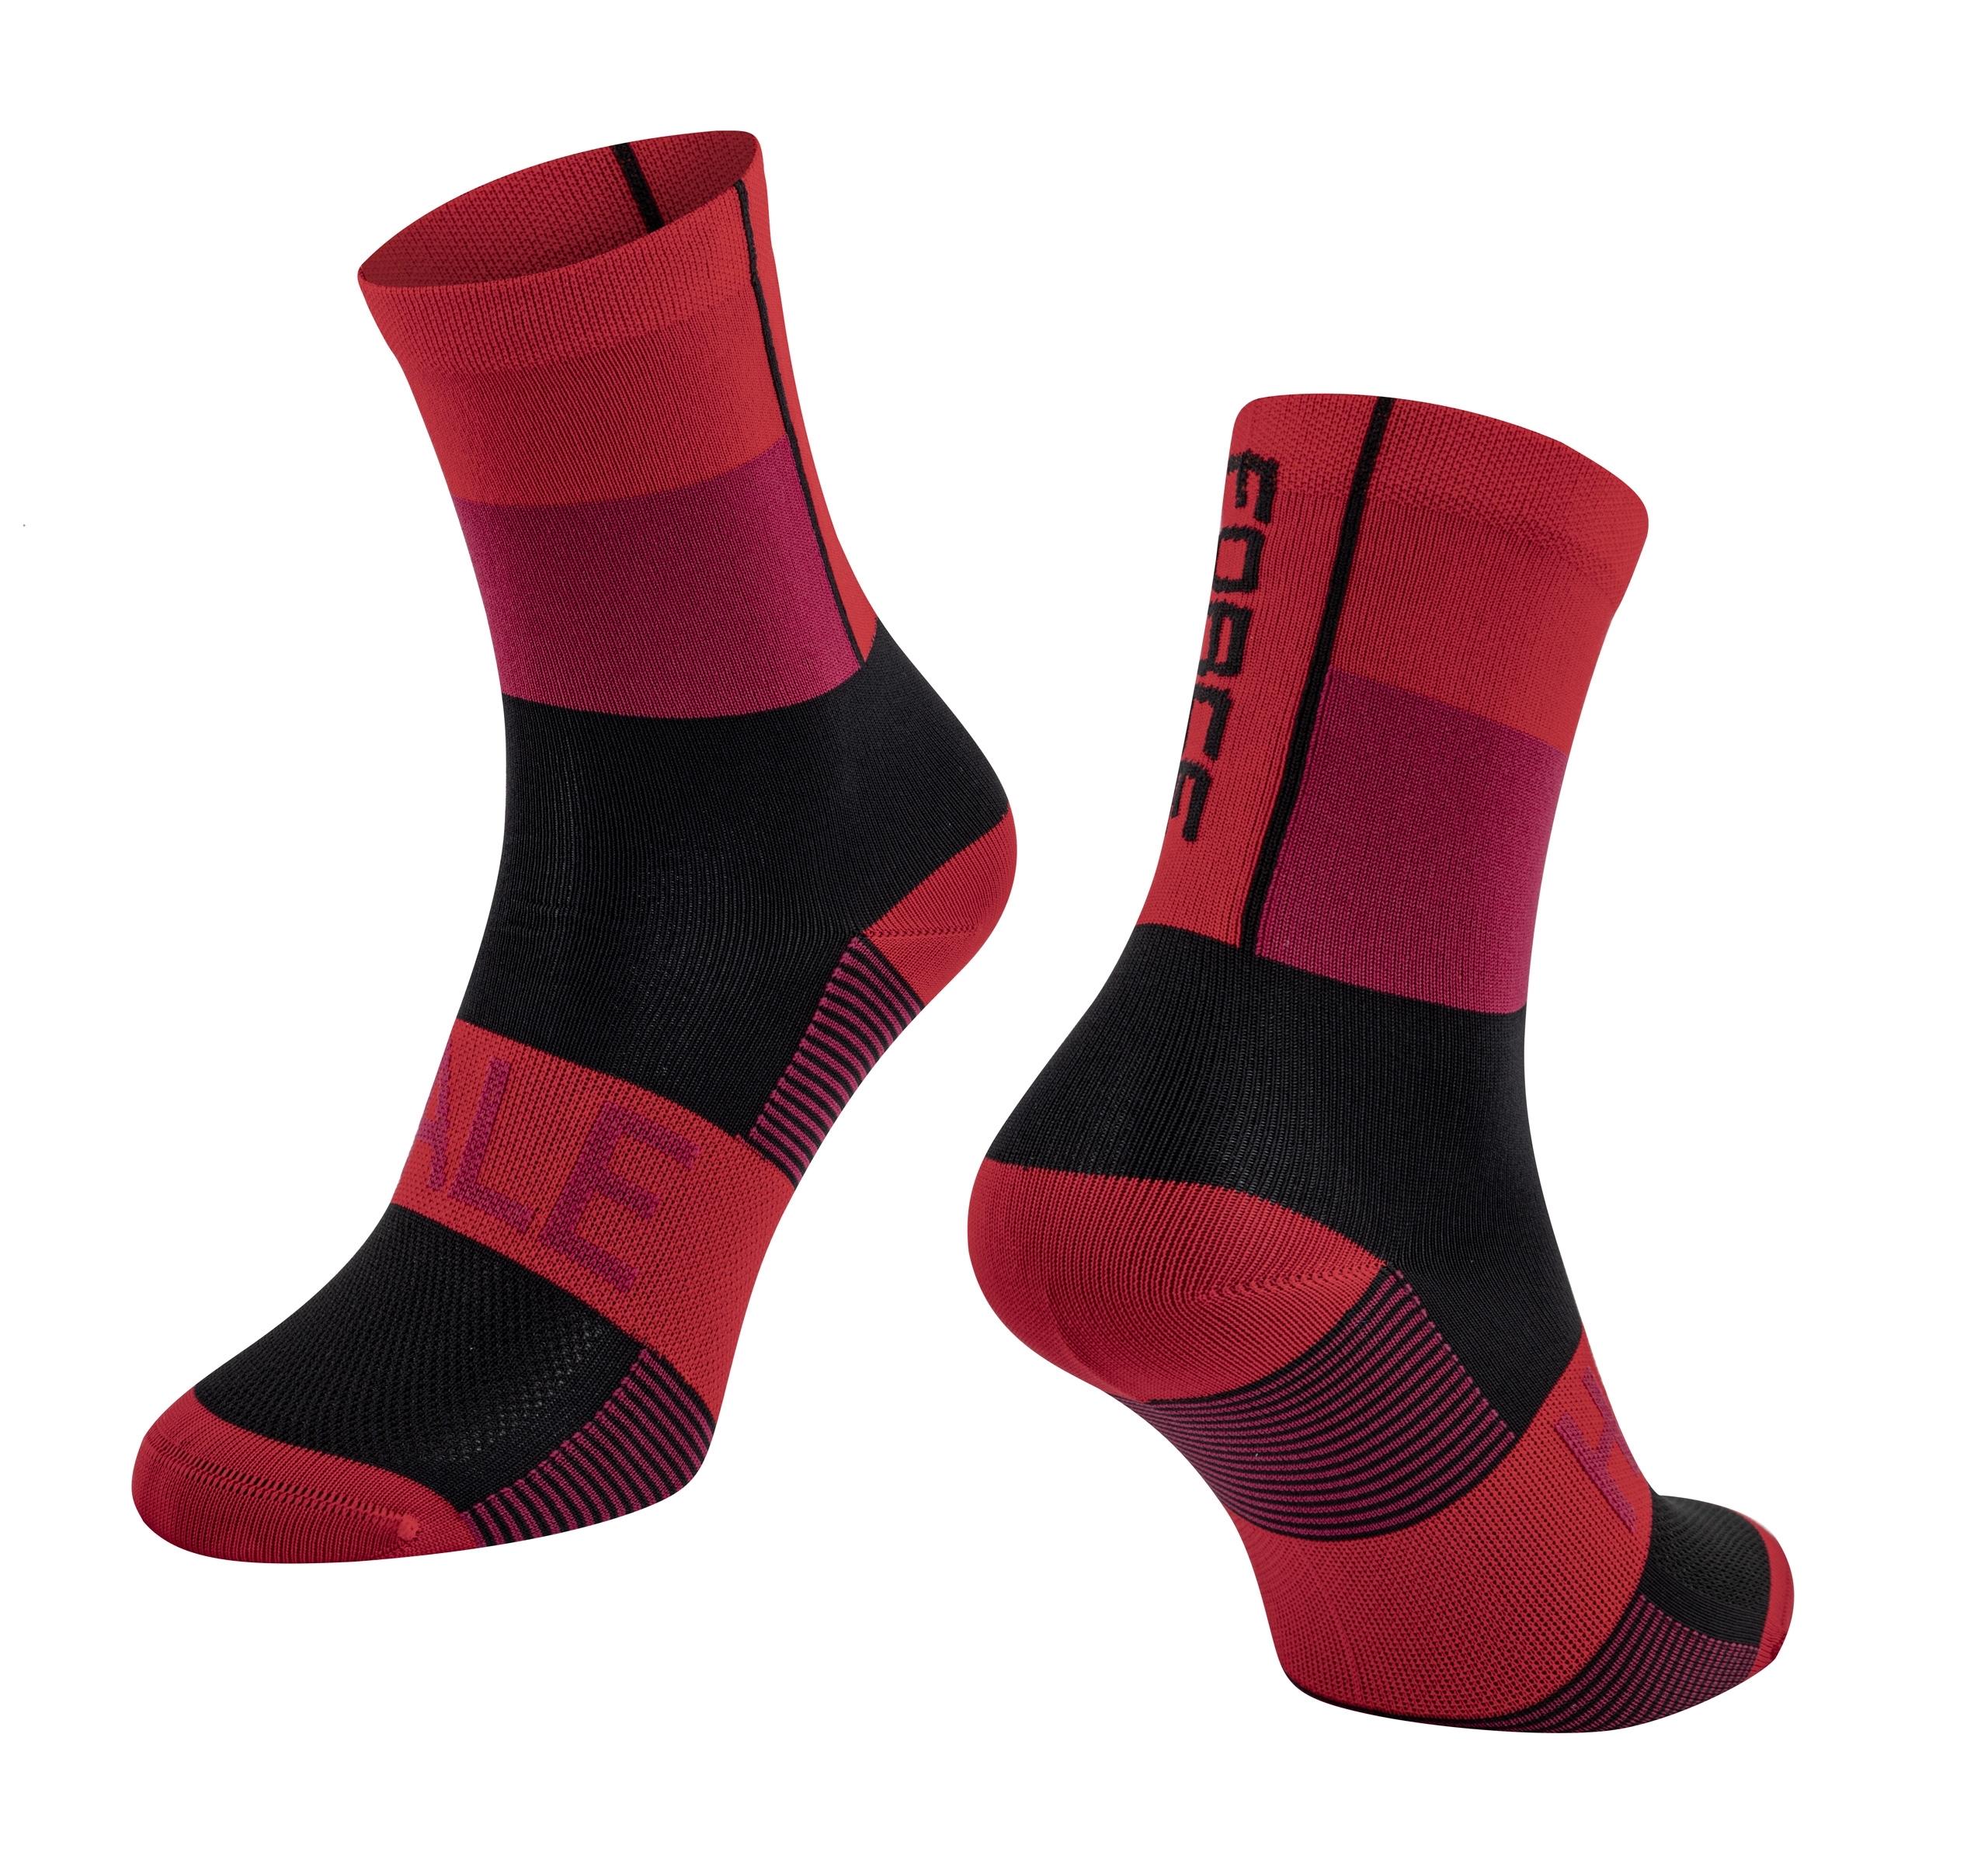 ponožky FORCE HALE, červeno-černé S-M/36-41